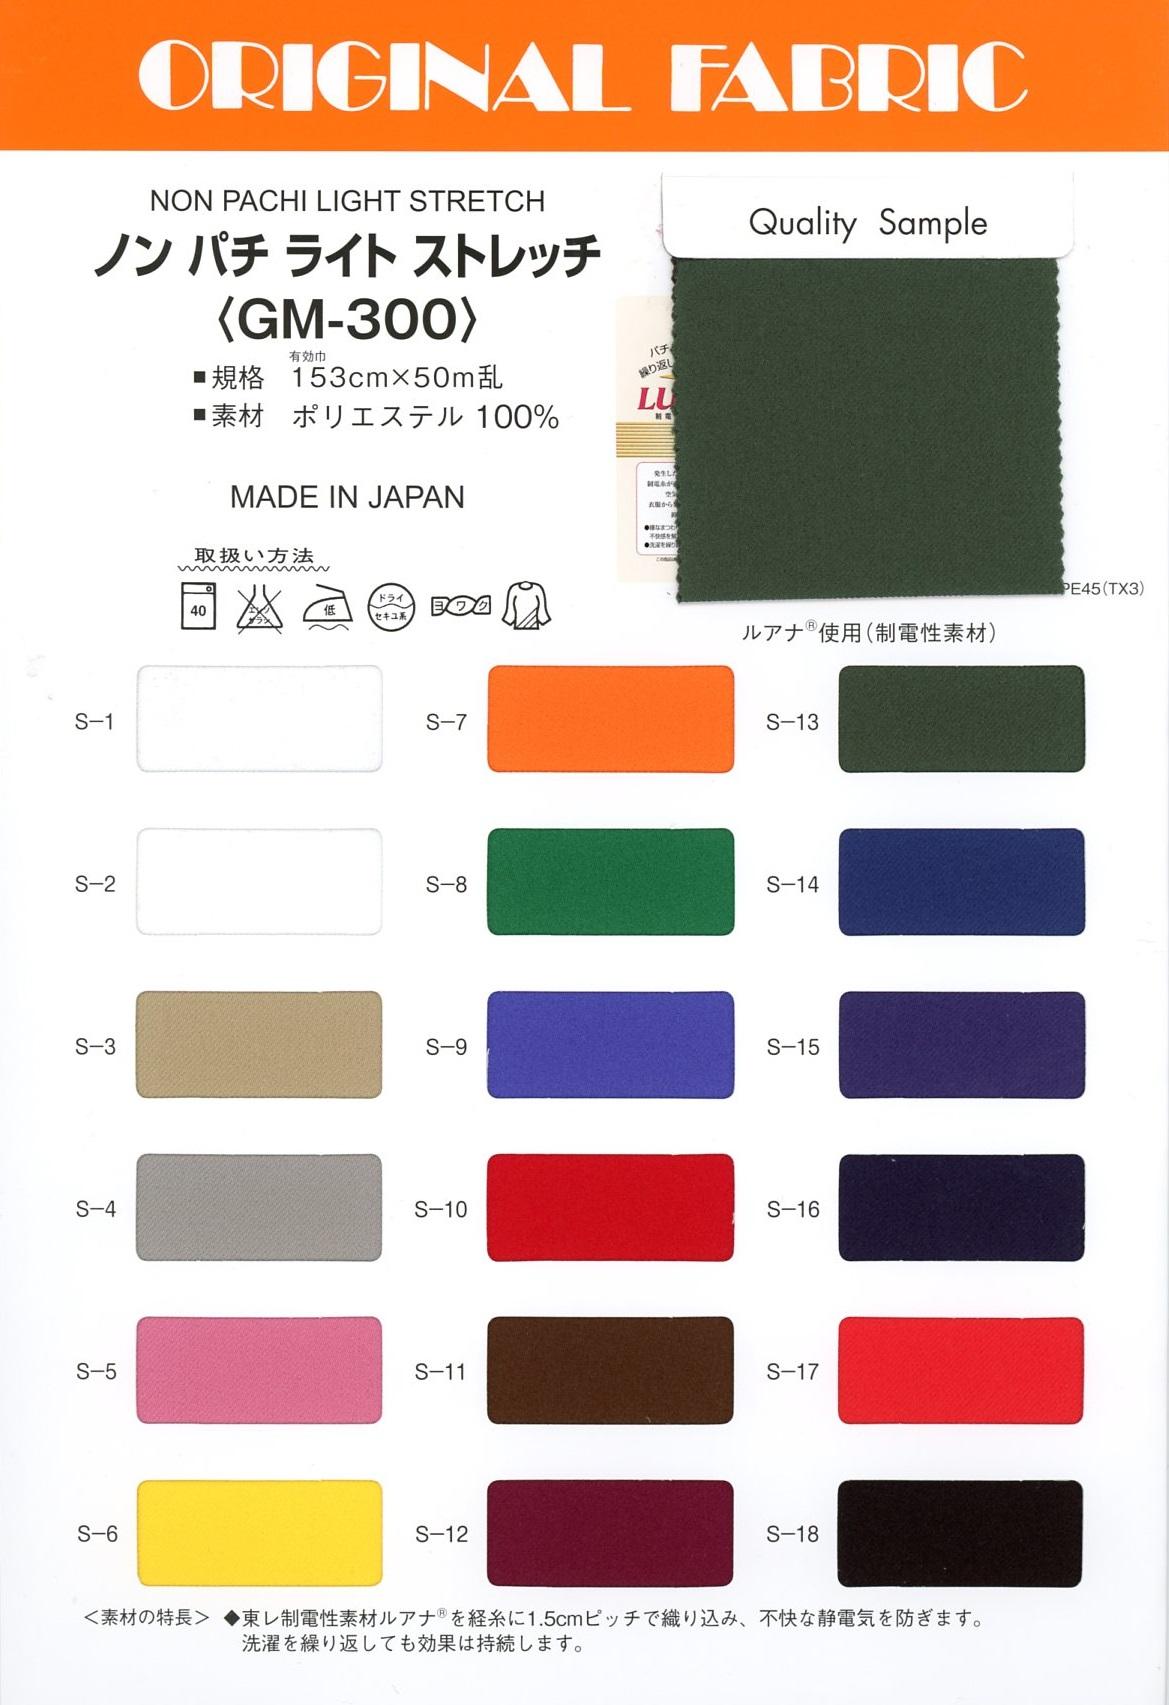 GM-300 ノン パチ ライト ストレッチ[生地] Masuda(マスダ)/オークラ商事 - ApparelX アパレル資材卸通販